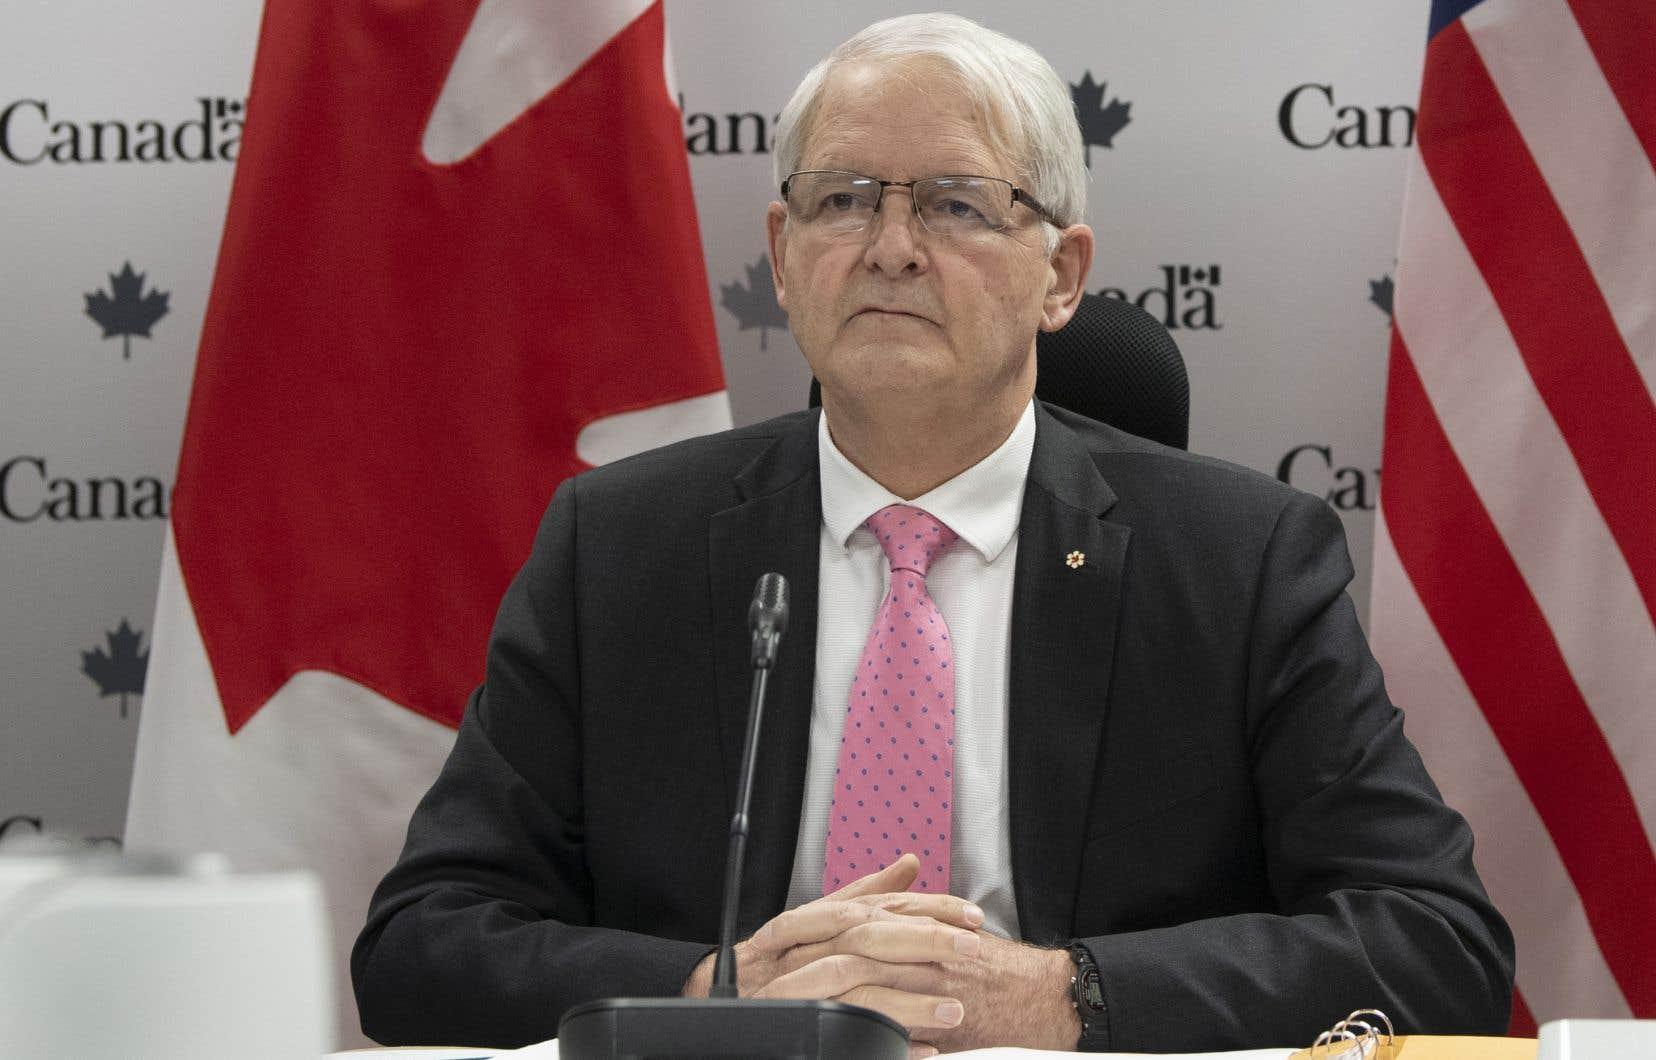 Le ministre canadien des Affaires étrangères, Marc Garneau, a déclaré que le Canada suivait de près la situation à Jérusalem.